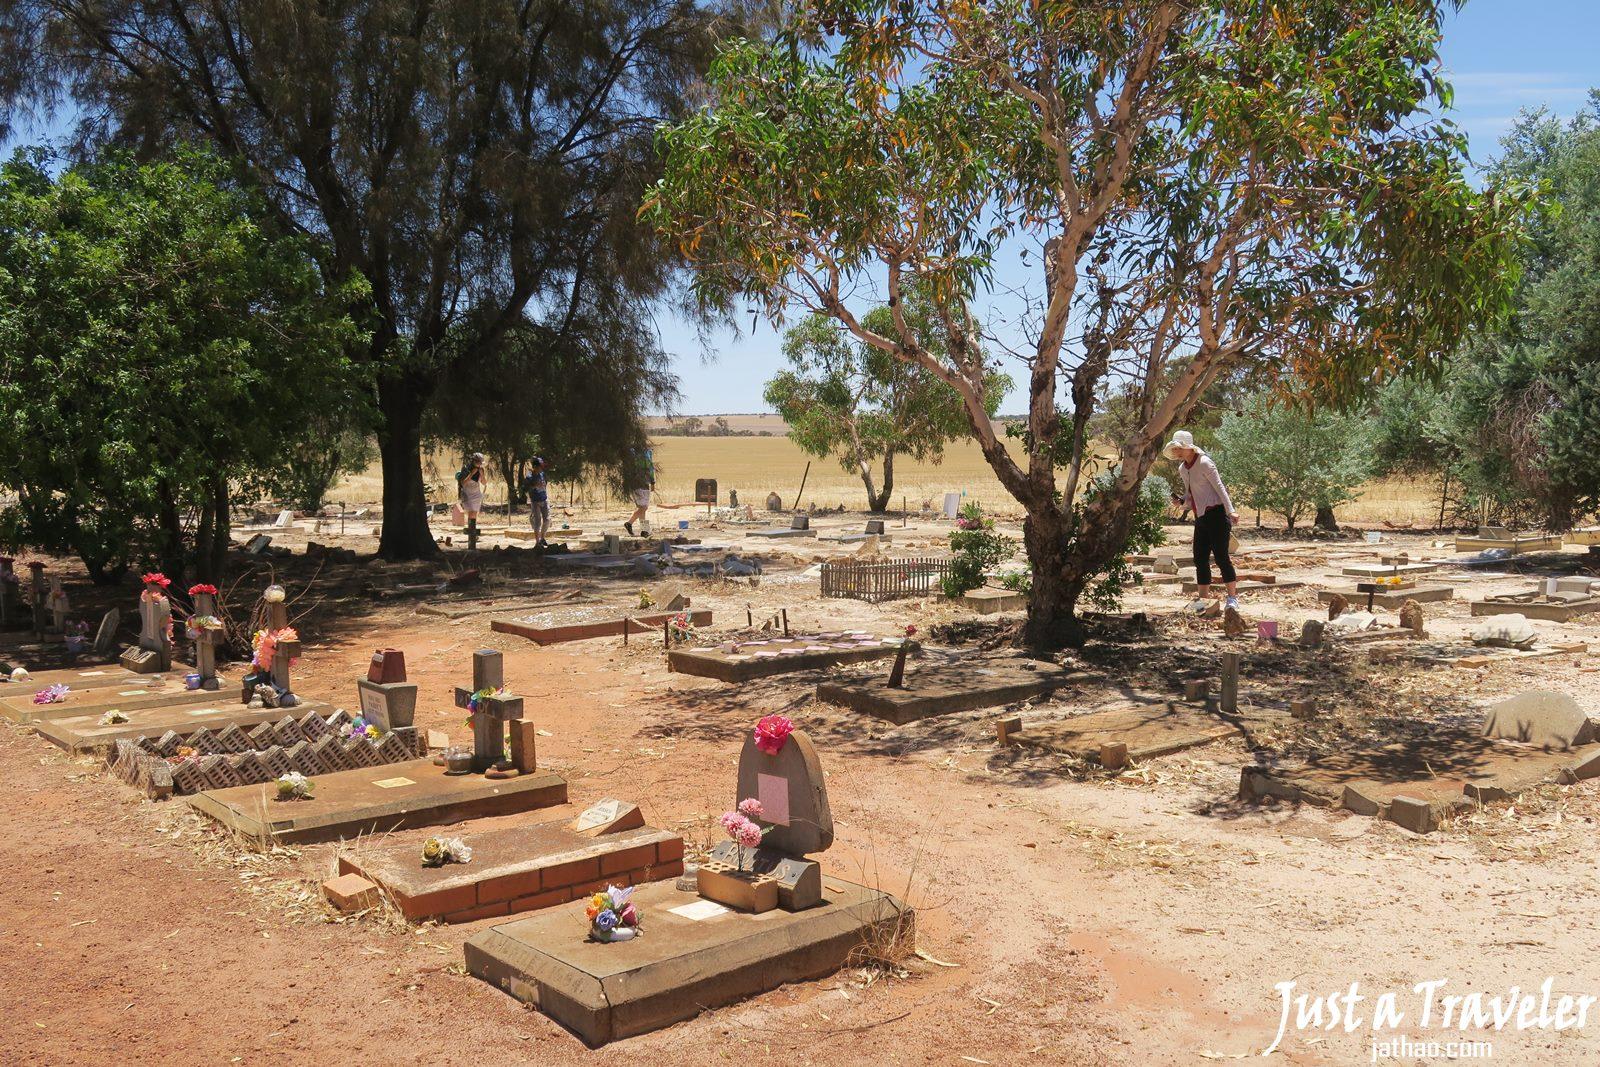 澳洲-西澳-伯斯-推薦-景點-波浪岩-愛犬公墓-Corrigin Dog Cemetery-自由行-旅遊-行程-一日遊-二日遊-遊記-旅遊-觀光-Australia-Perth-Wave-Rock